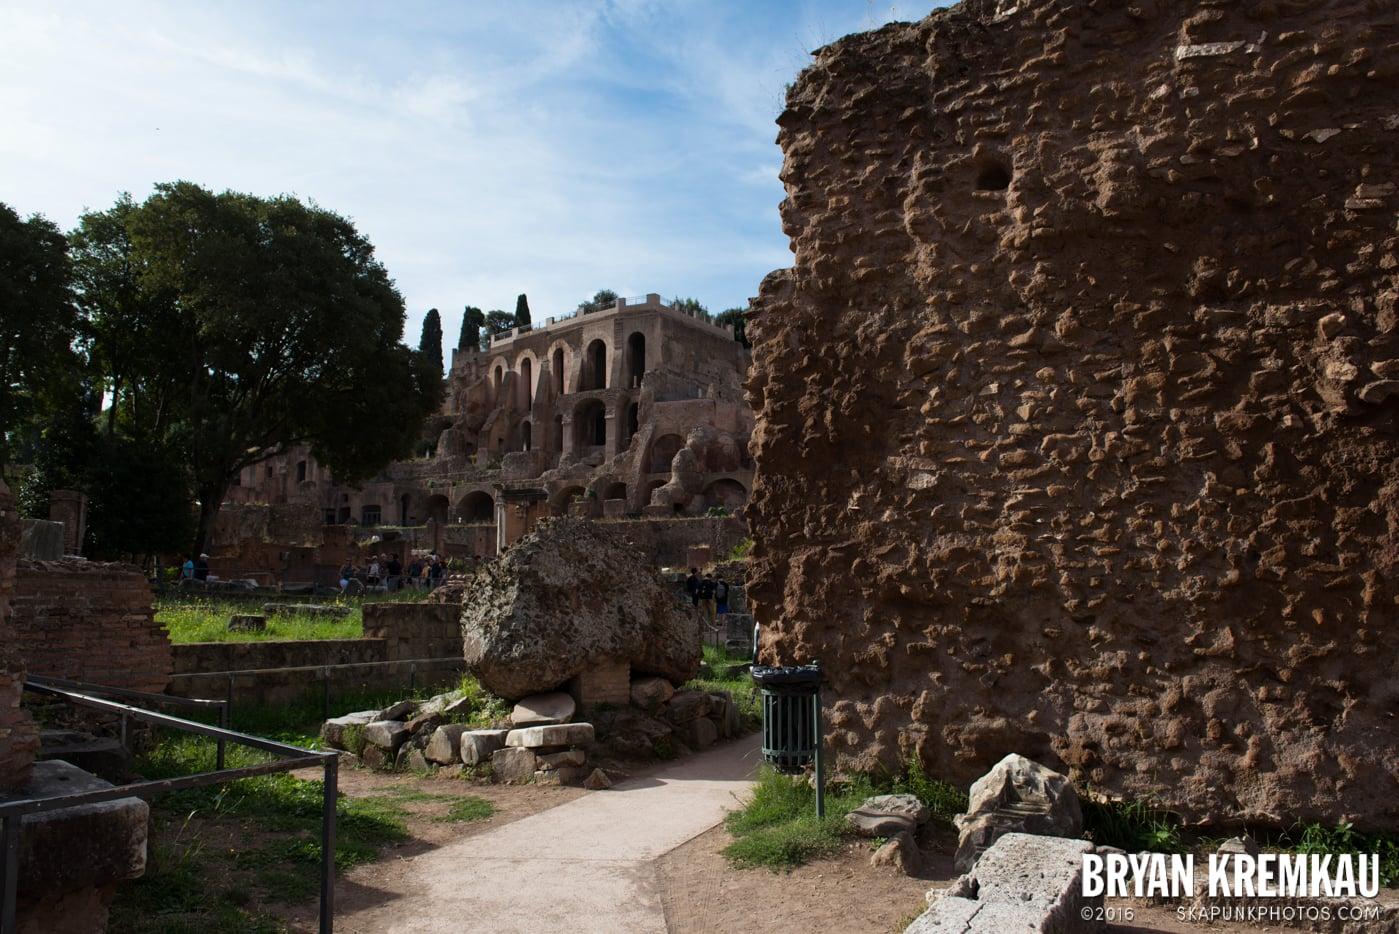 Italy Vacation - Day 2: Rome - 9.10.13 (120)